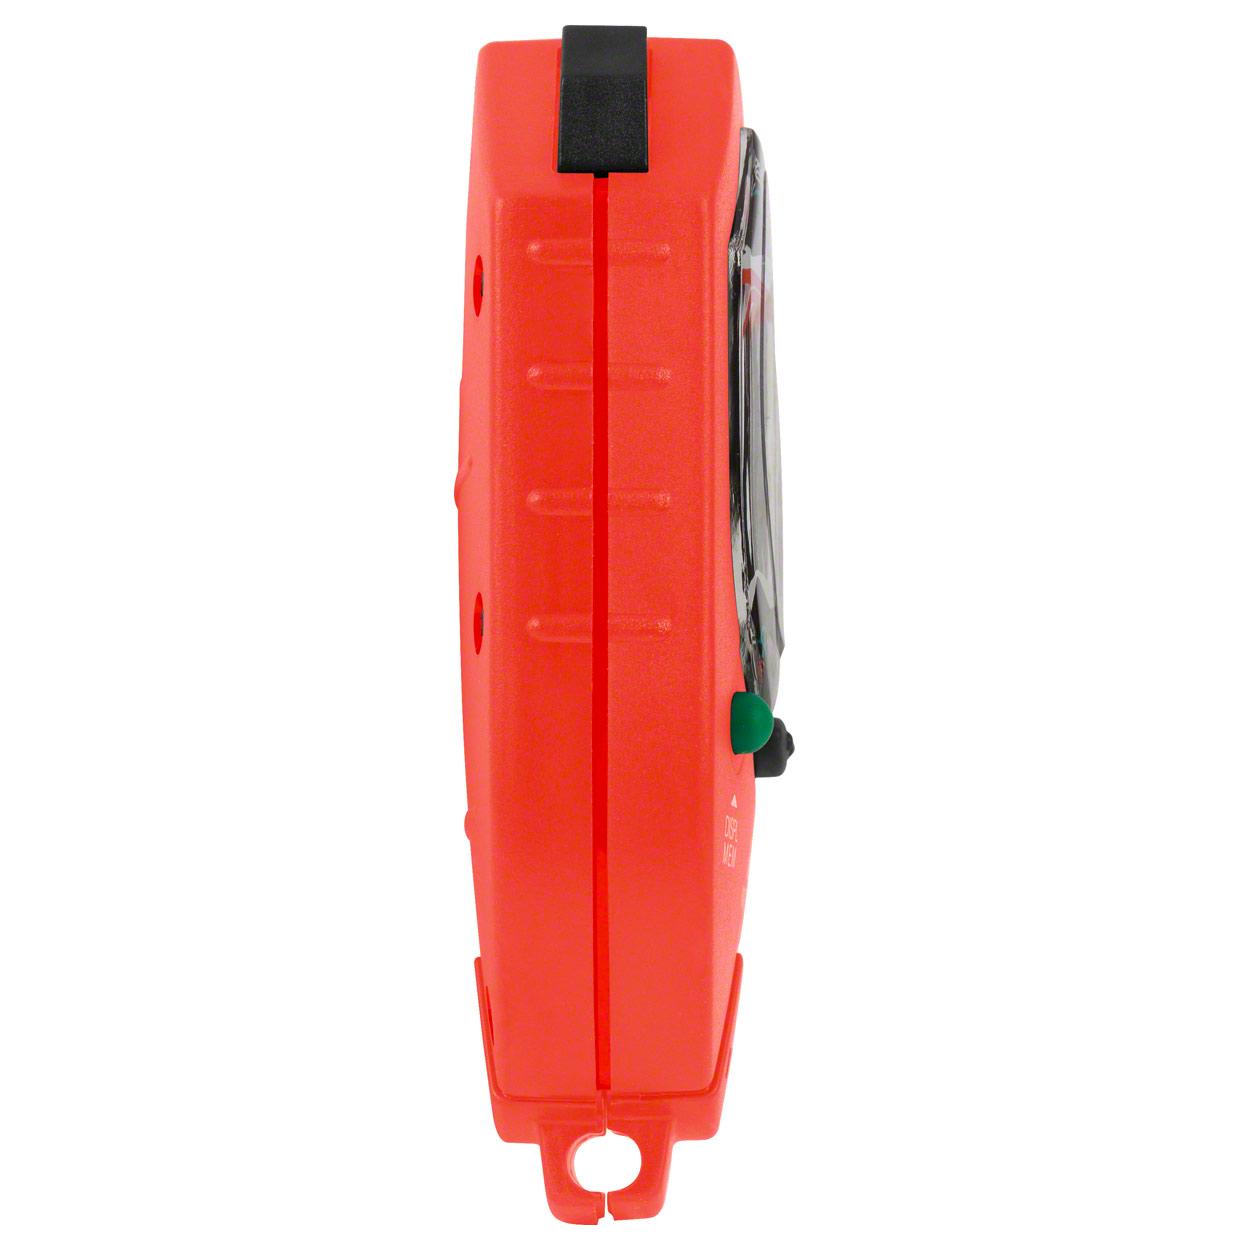 ORIGINAL-Hanhart-Stoppuhr-Delta-E-200-Stop-Watch-Stopuhr-Uhr-inkl-Batterie